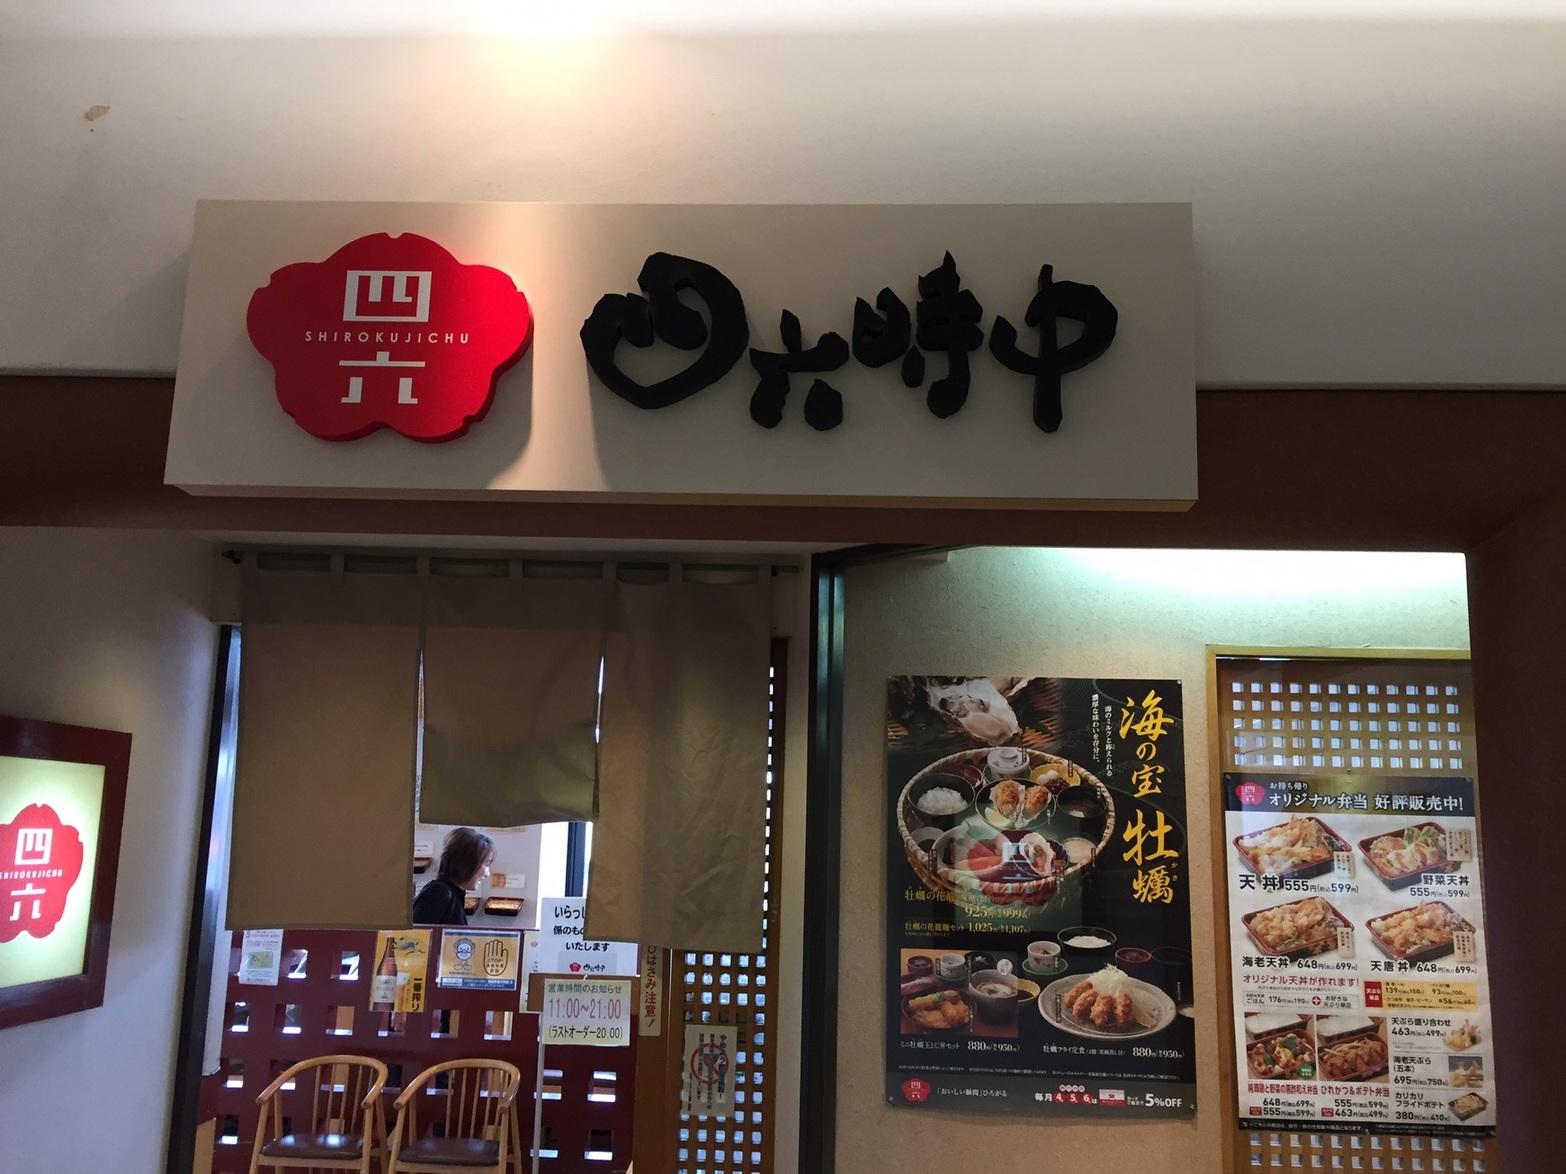 四六時中 足利店 name=